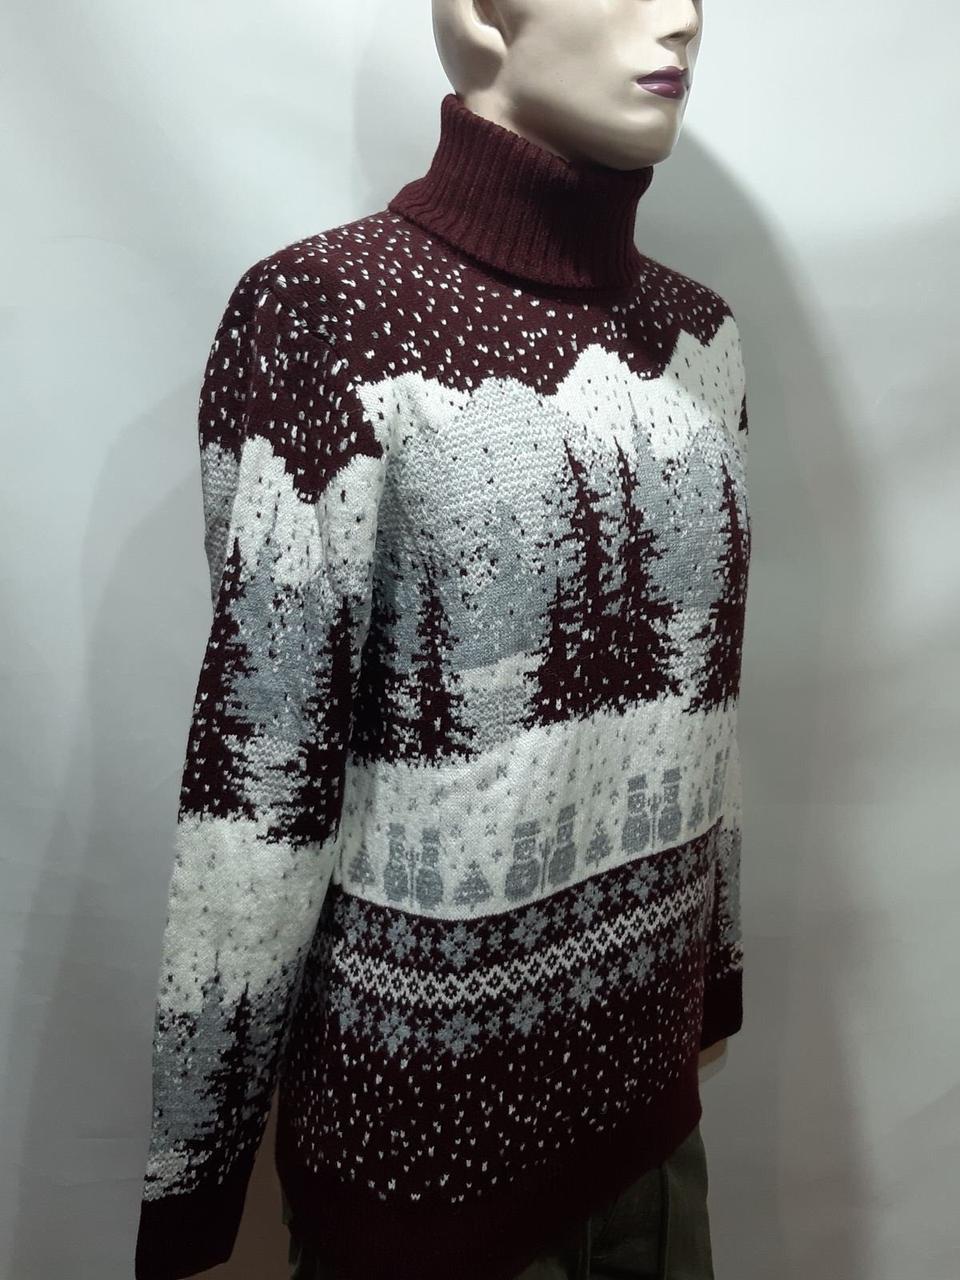 Мужской теплый шерстяной свитер под горло с новогодним орнаментом Турция Бордовый